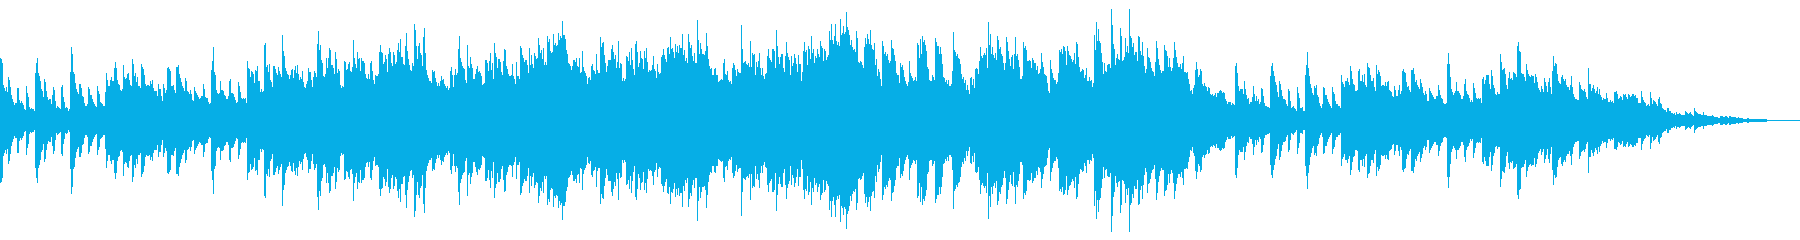 感動的なピアノとストリングスのBGMの再生済みの波形